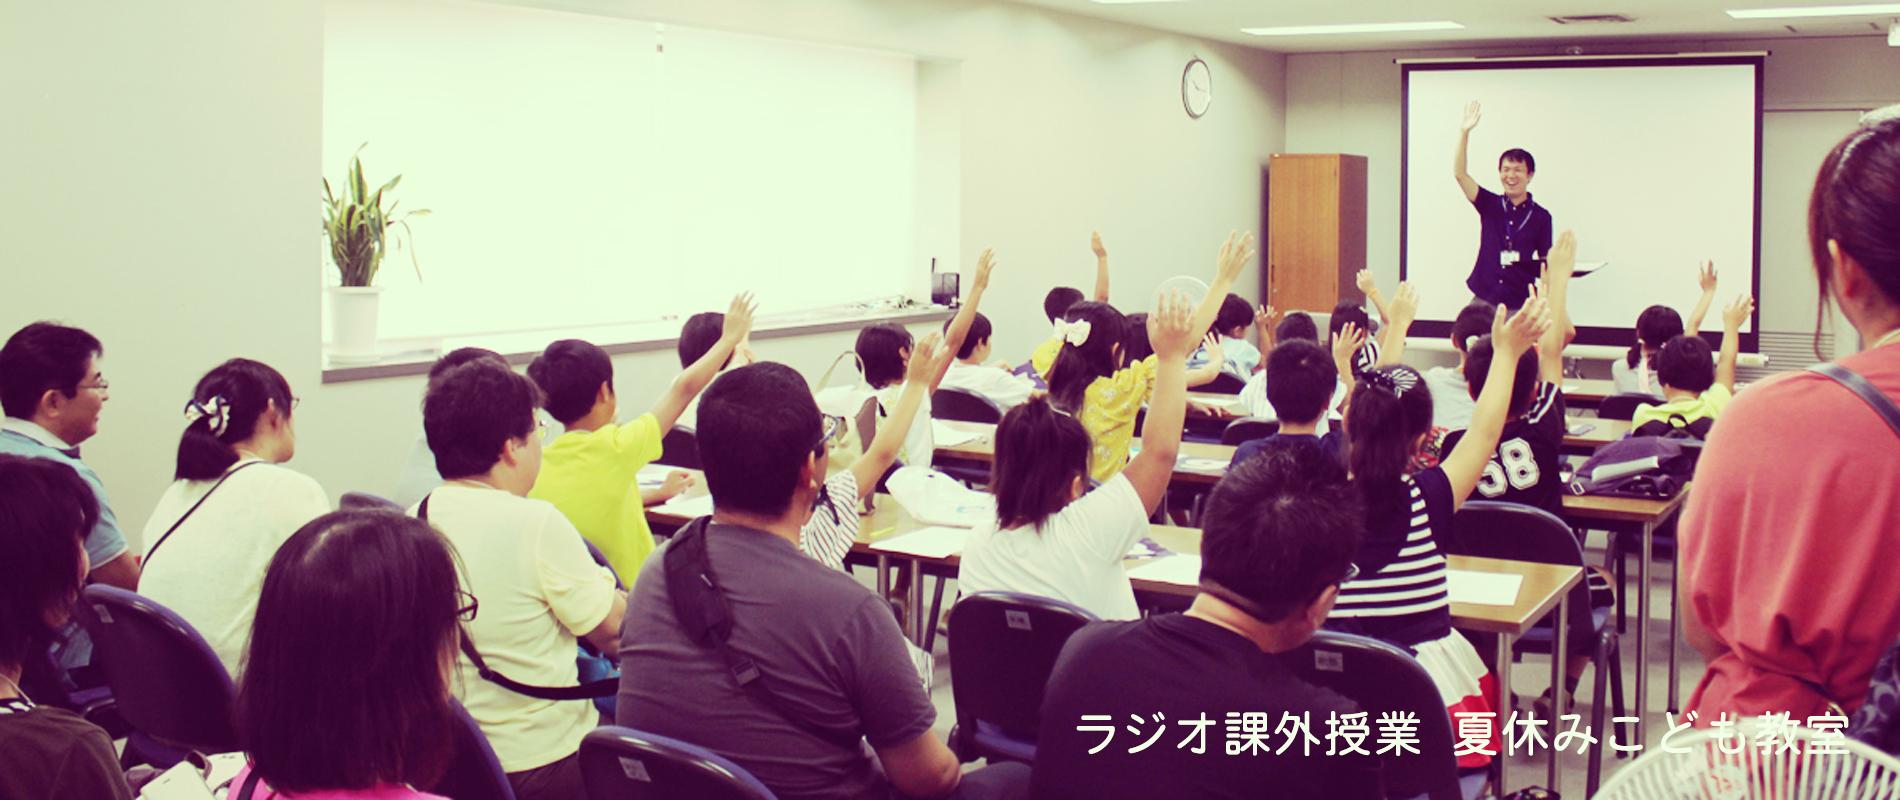 ラジオ課外授業 夏休みこども教室